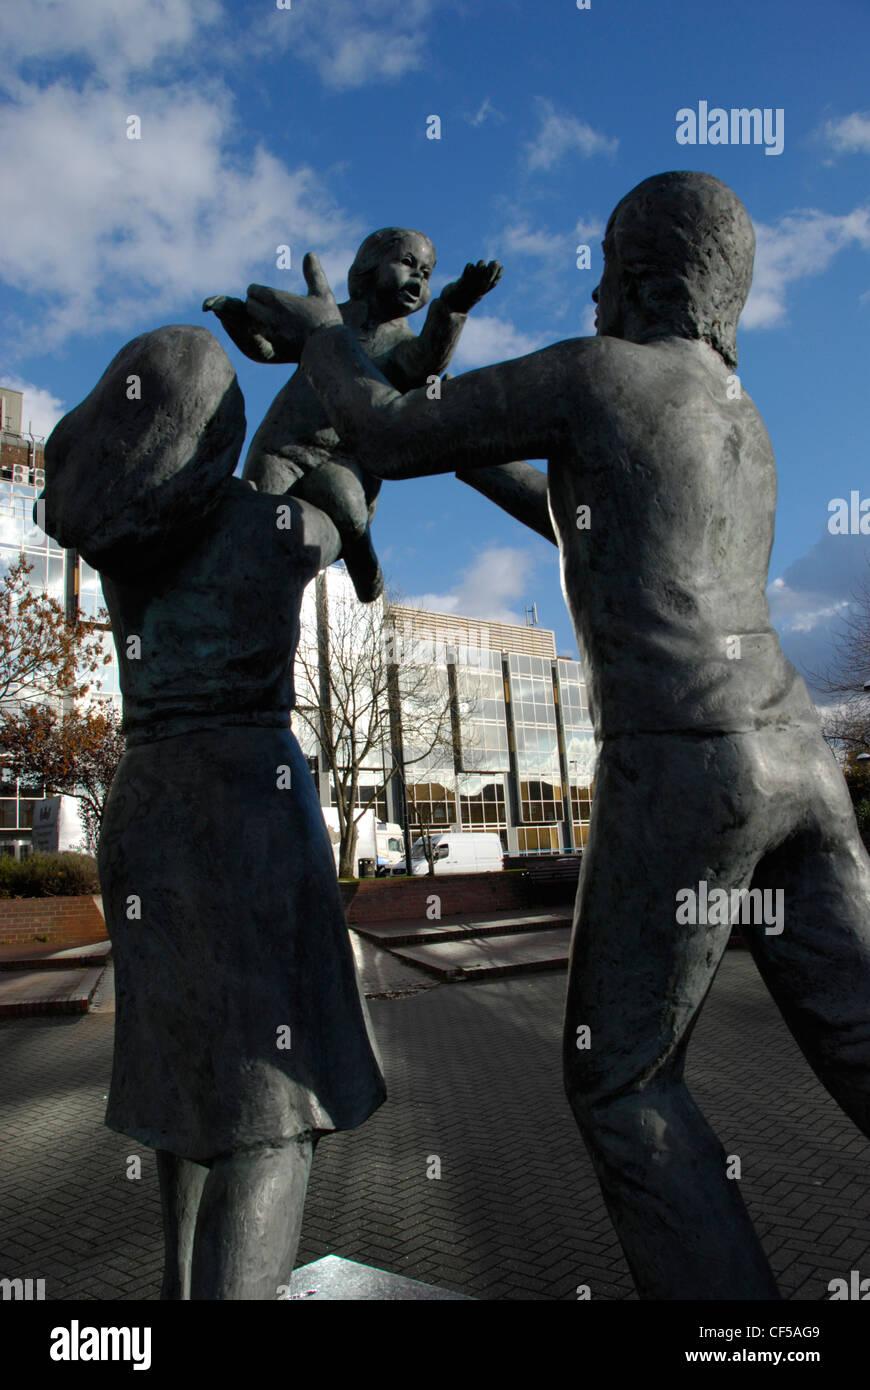 """Eine Skulptur mit dem Titel """"In Town"""" an der Battersea Bridge Road. Stockbild"""